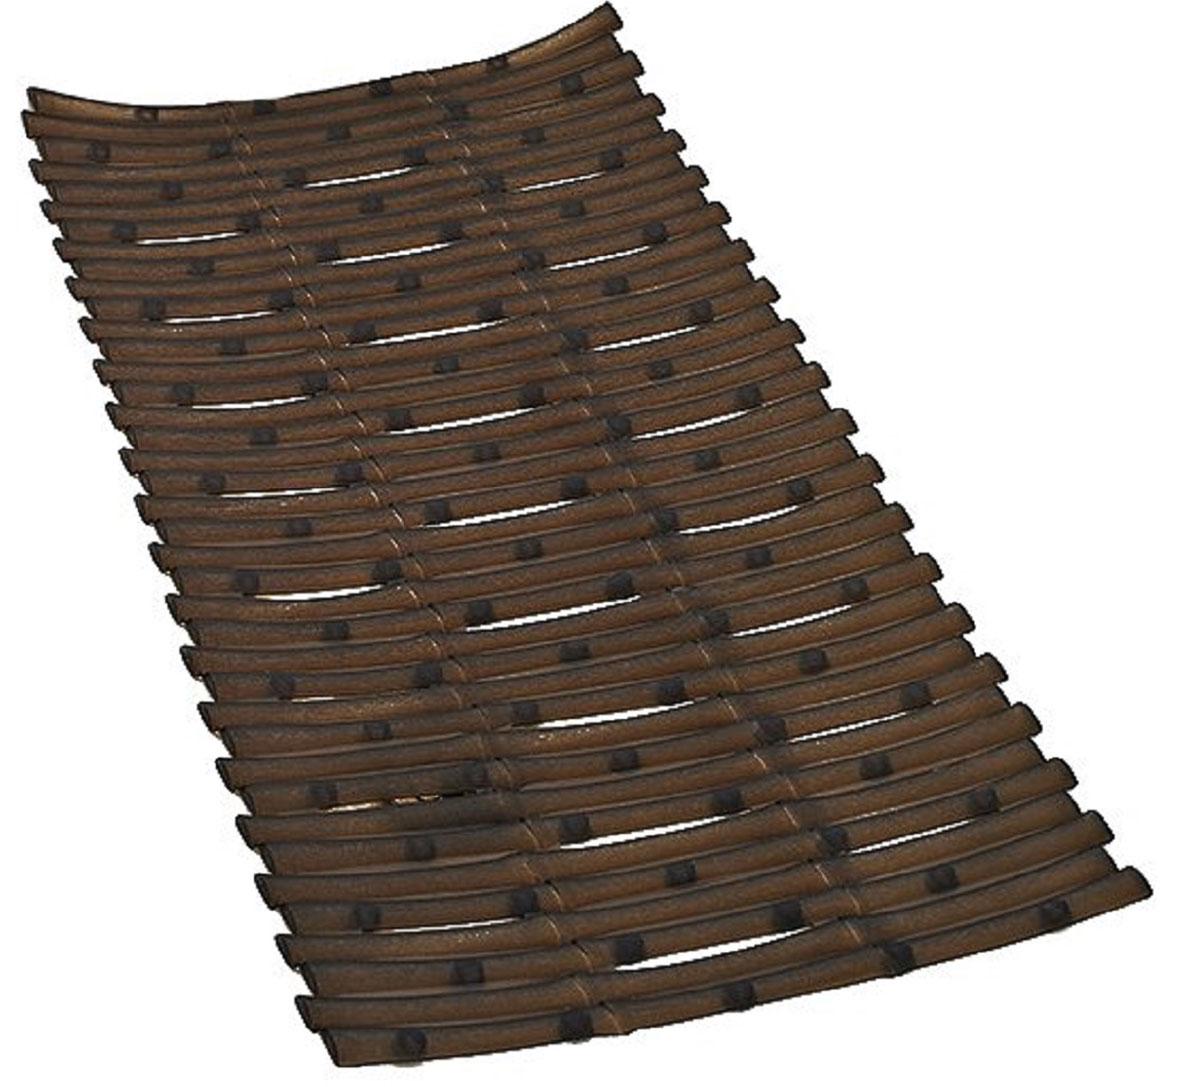 Коврик для ванной Ridder Bambus, противоскользящий, цвет: коричневый, 40 х 81 см babyono коврик противоскользящий для ванной цвет зеленый 55 х 35 см